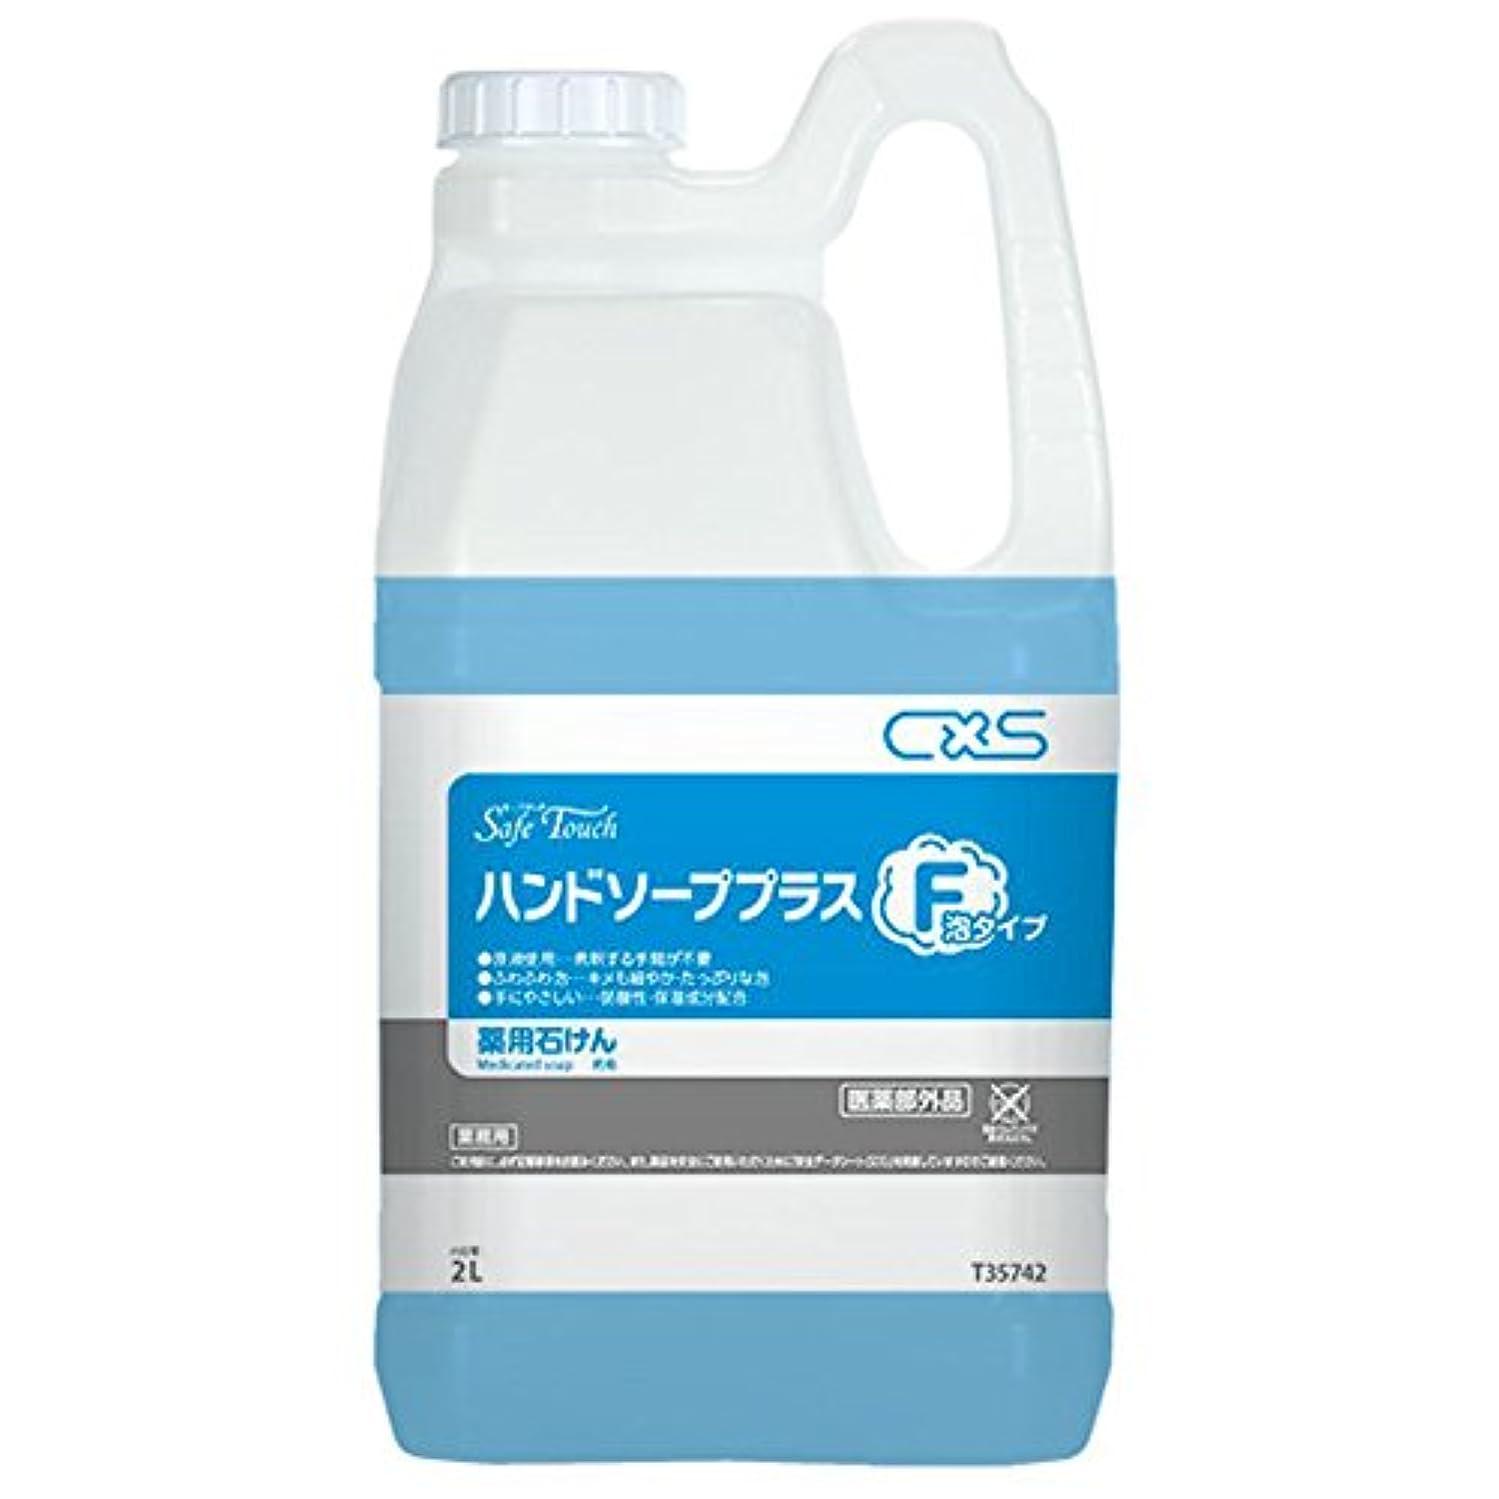 はっきりしない資金話をするシーバイエス(C×S) 殺菌?消毒用手洗い石けん セーフタッチハンドソーププラスF 2L